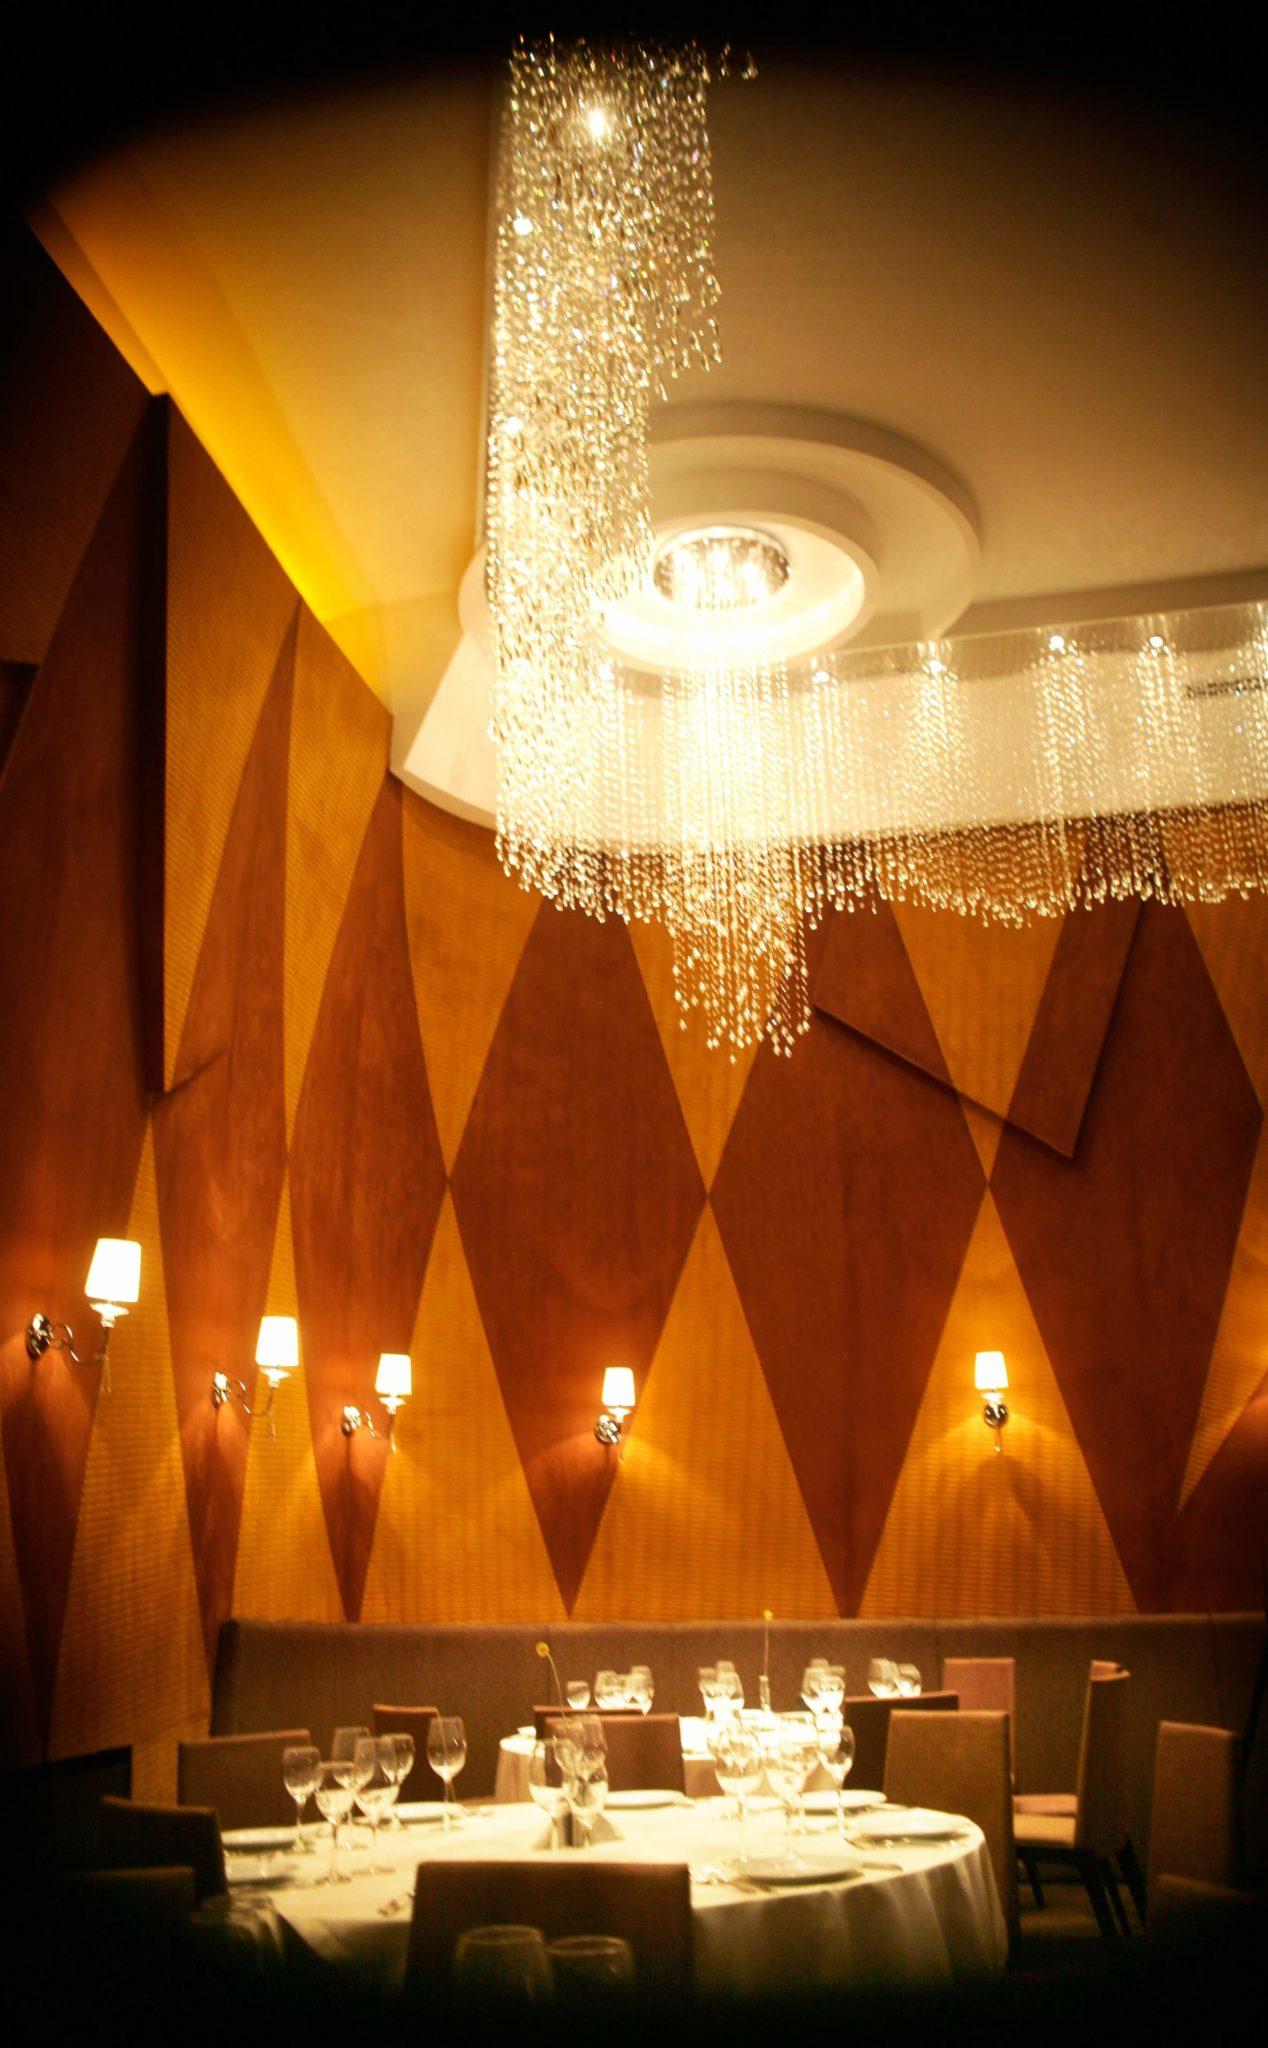 Restaurant Rron 2